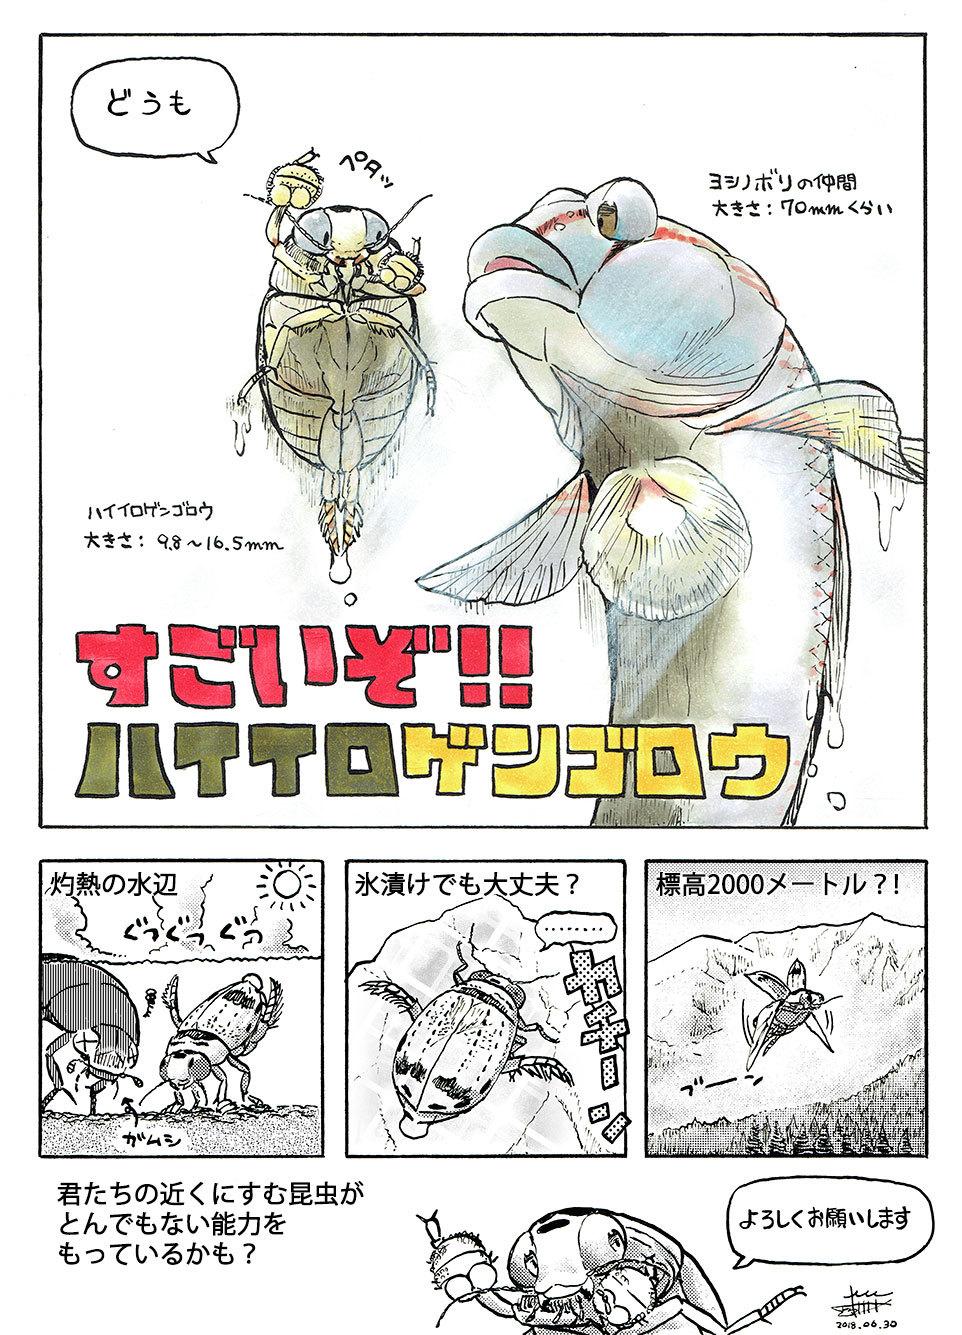 2018_ガクタメ_箱庭動物園と遊蛾堂_01